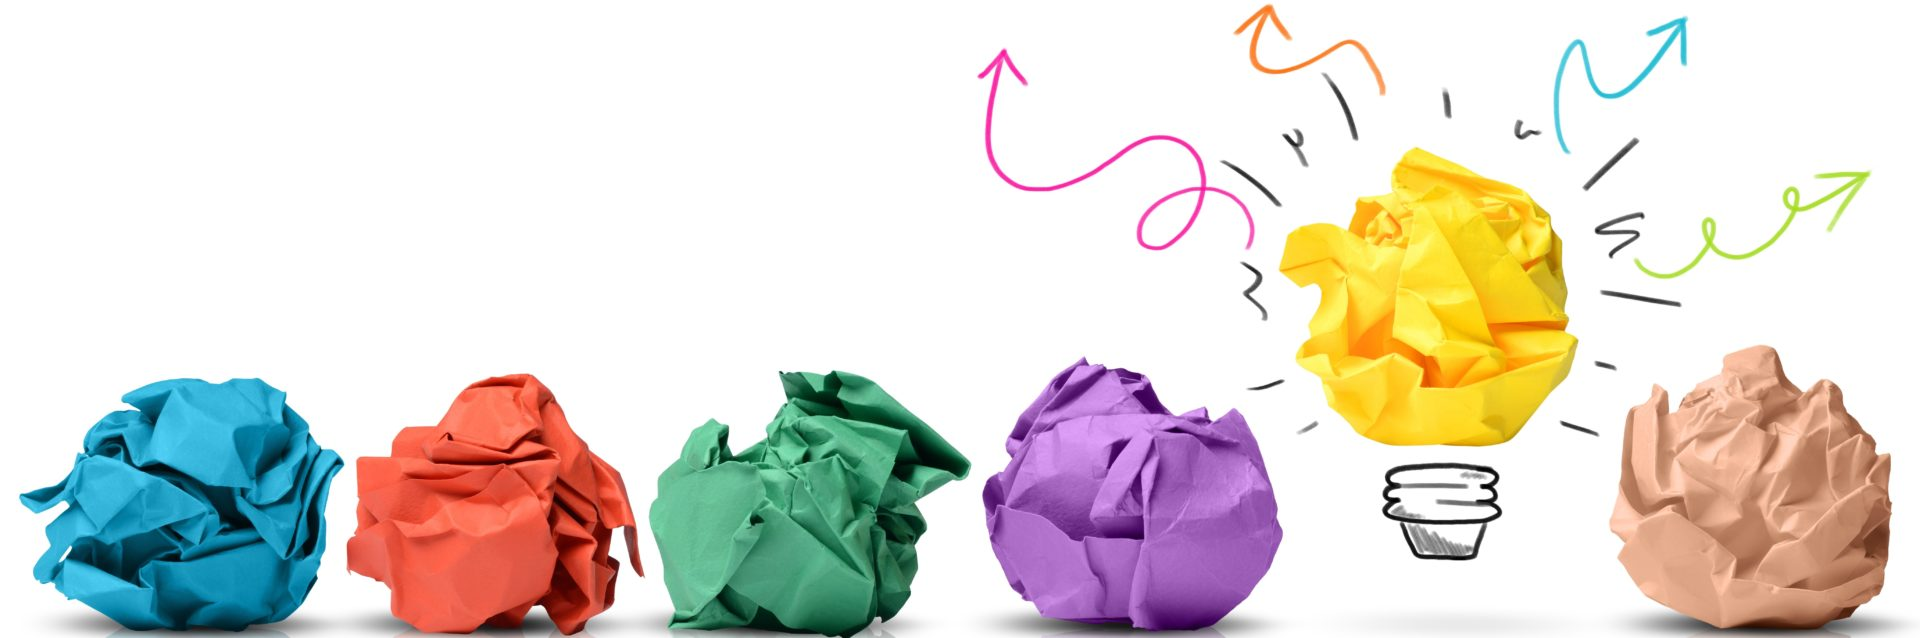 Zerknülltes buntes Papier Schaffe Zeit für deine Geschäftsidee